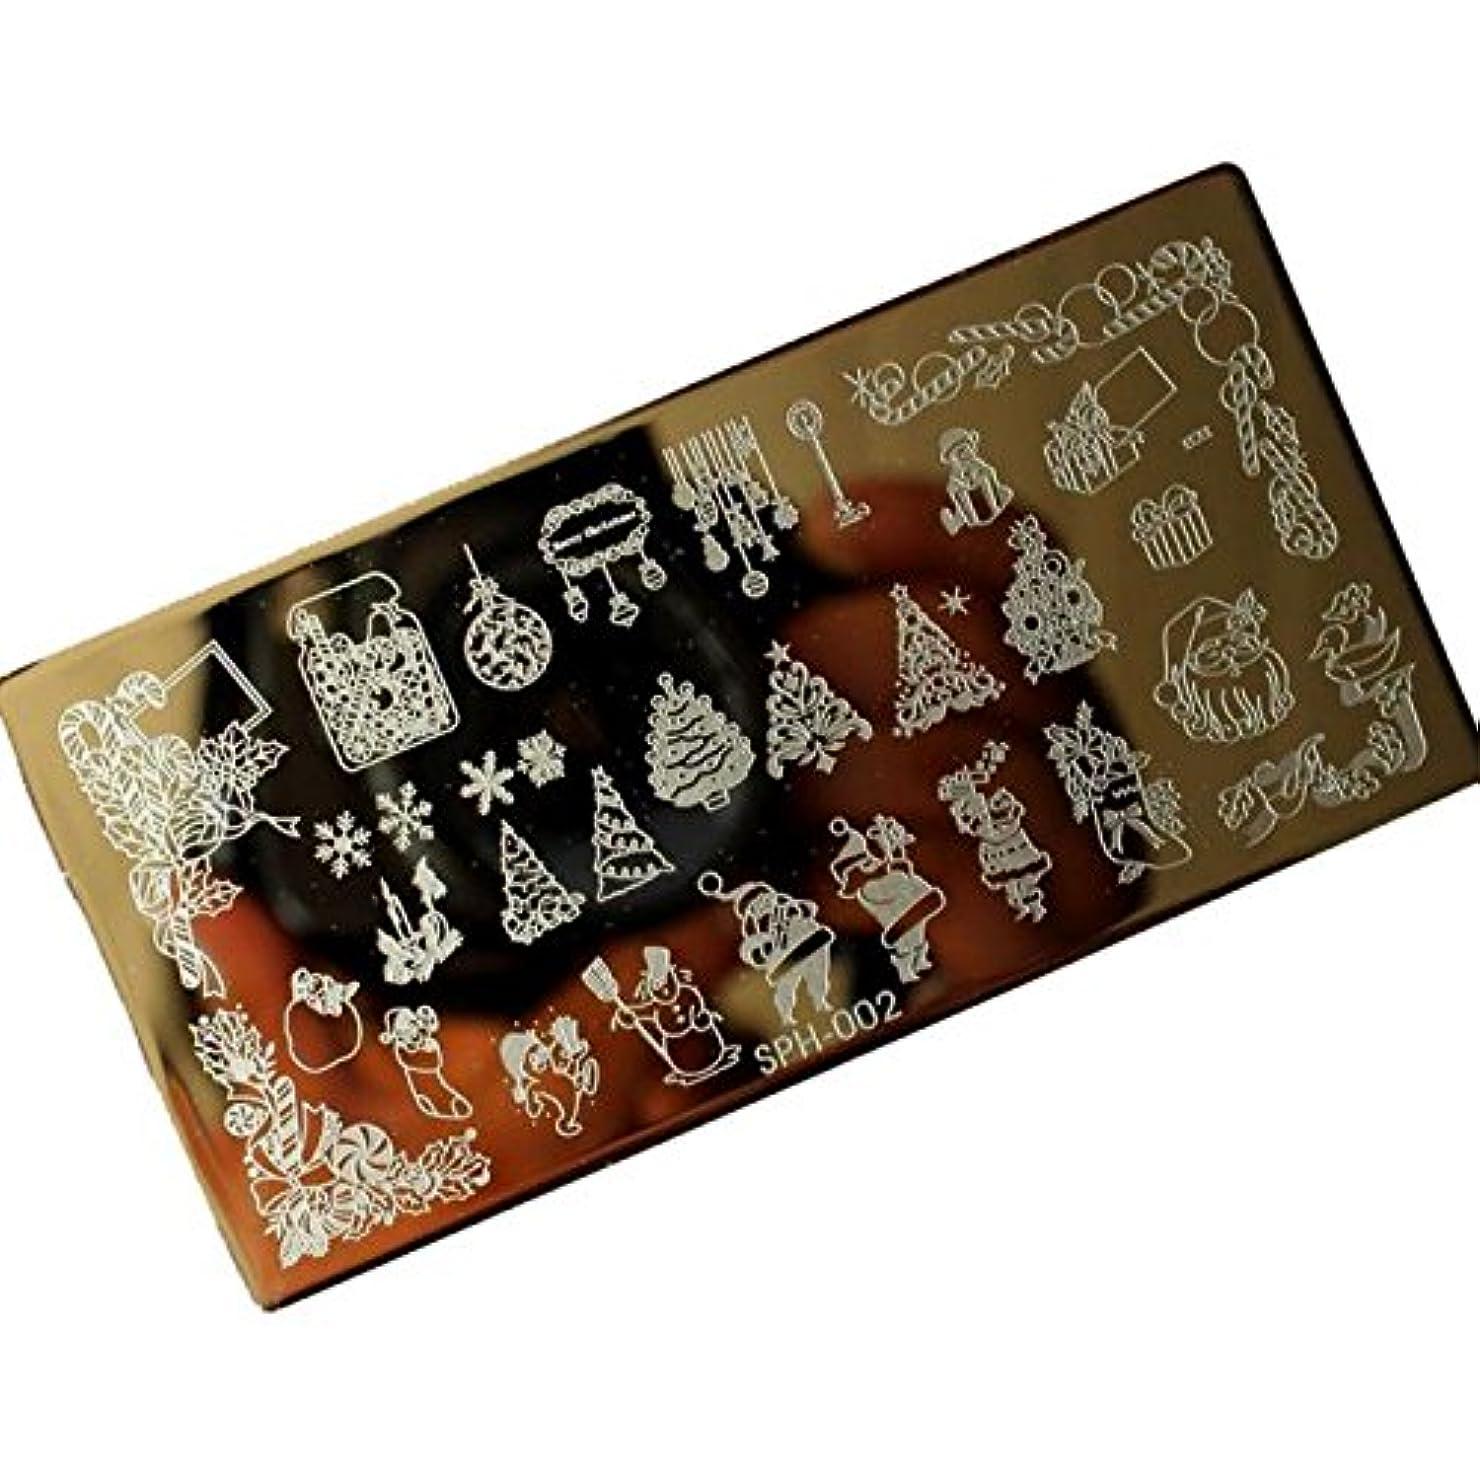 設置毛布緩める[ルテンズ] スタンピングプレートセット 花柄 クリスマス ネイルプレート ネイルアートツール ネイルプレート ネイルスタンパー ネイルスタンプ スタンプネイル ネイルデザイン用品